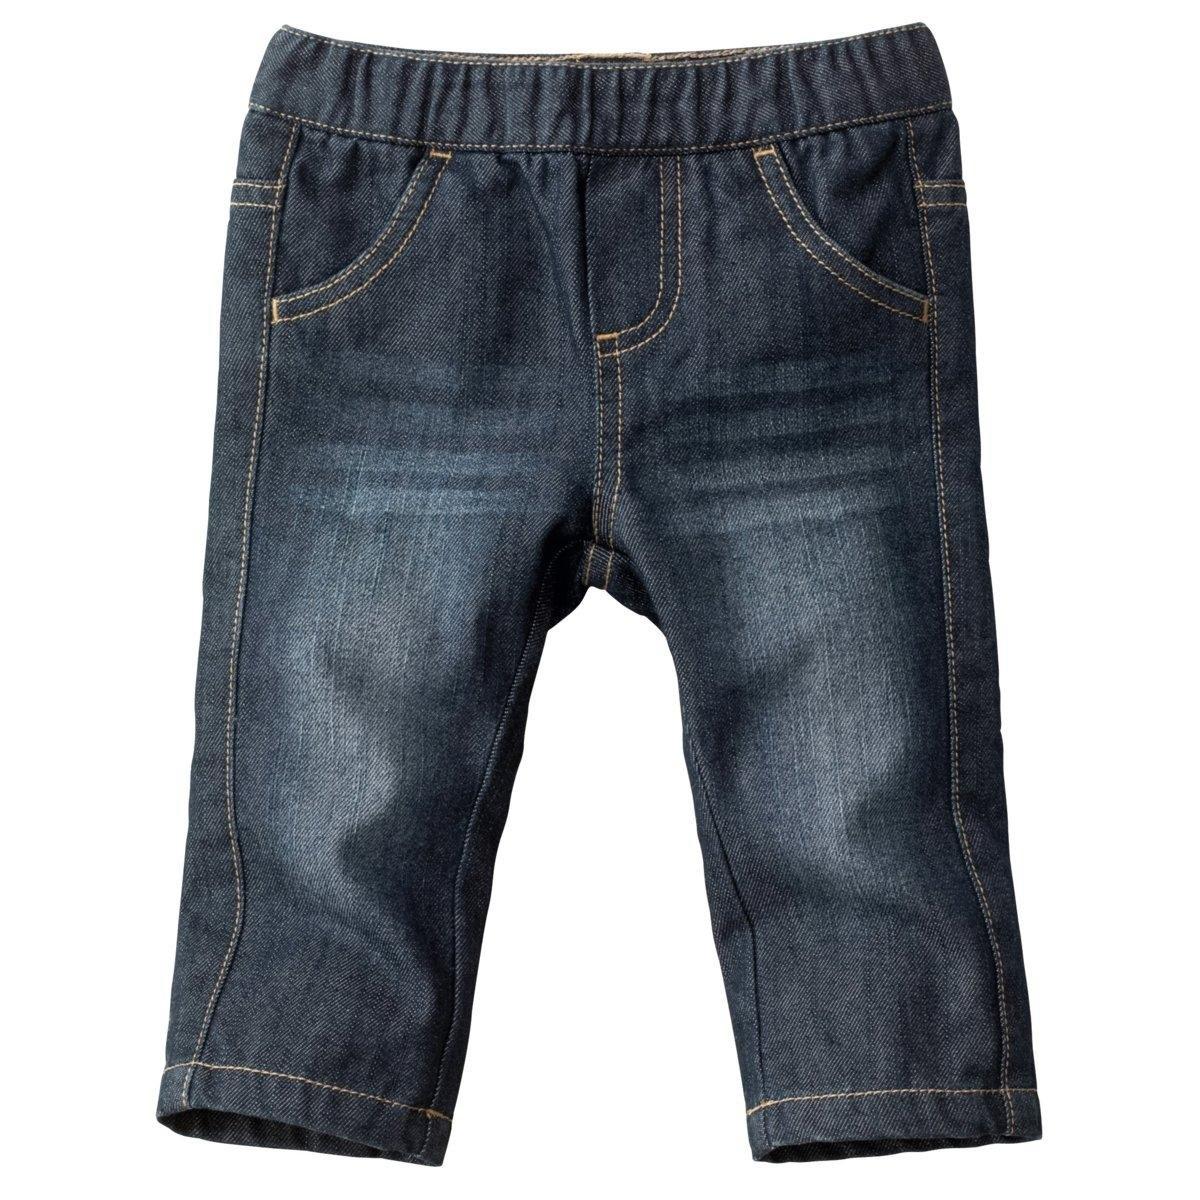 Джинсы прямые, 1 мес. - 3 годаПрямые джинсы из денима, удобный пояс на резинке. 2 кармана спереди и  2 кармана сзади. Ложный гульфик.  Эффект складок и потертостей спереди и сзади. Контрастная строчка. Состав и описание:Материал:100% хлопка.Марка: R ?dition.Уход:Стирка, сушка и глажка с изнанки.Машинная стирка при 30°С на умеренном режиме с одеждой схожих цветов.Машинная сушка запрещена.Гладить при умеренной температуре.<br><br>Цвет: темно-синий<br>Размер: 3 мес. - 60 см.6 мес. - 67 см.18 мес. - 81 см